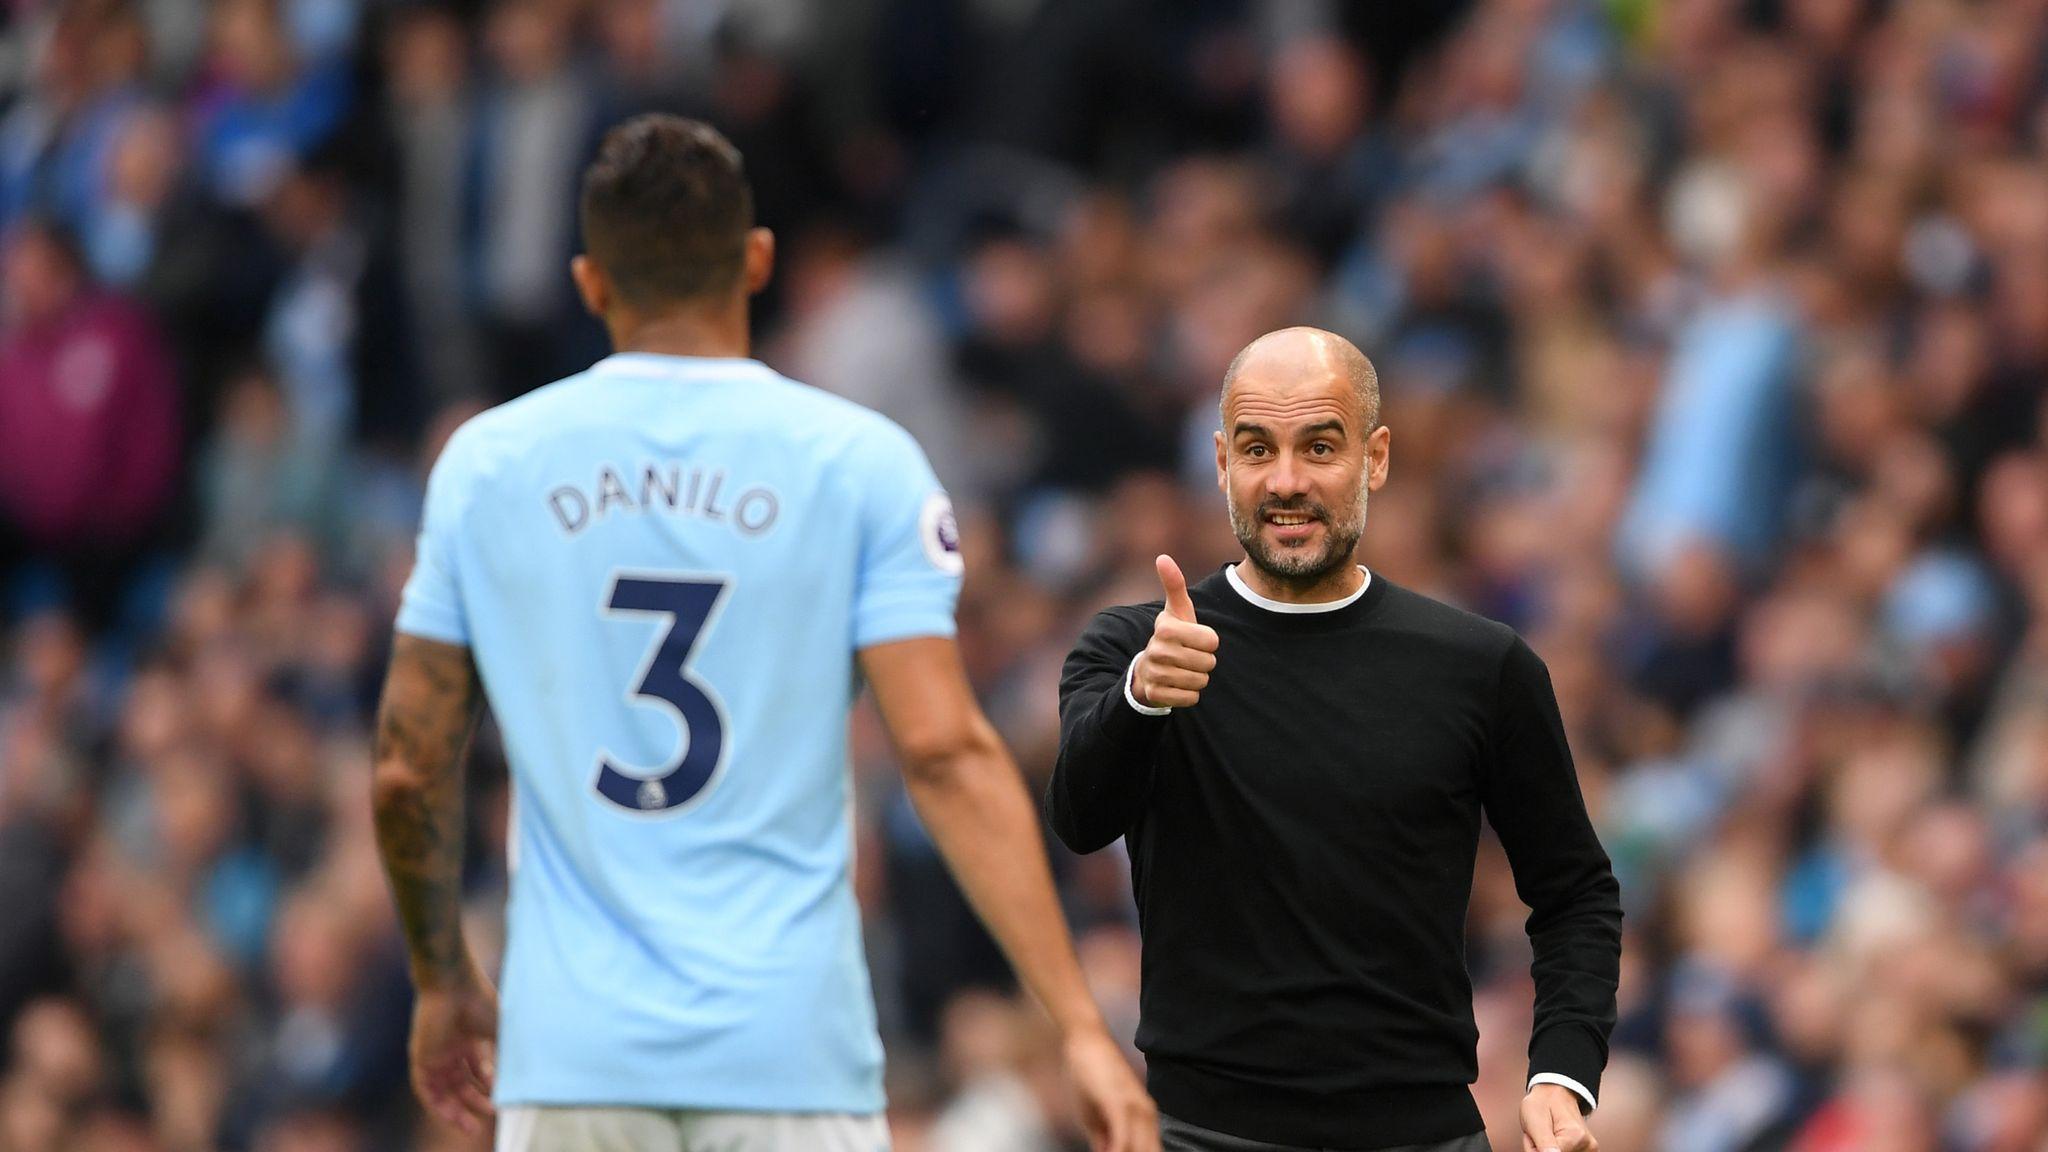 Perla e Danilo: Guardiola edhe nusen në shtrat e vendos si të jetë futbolliste në fushë